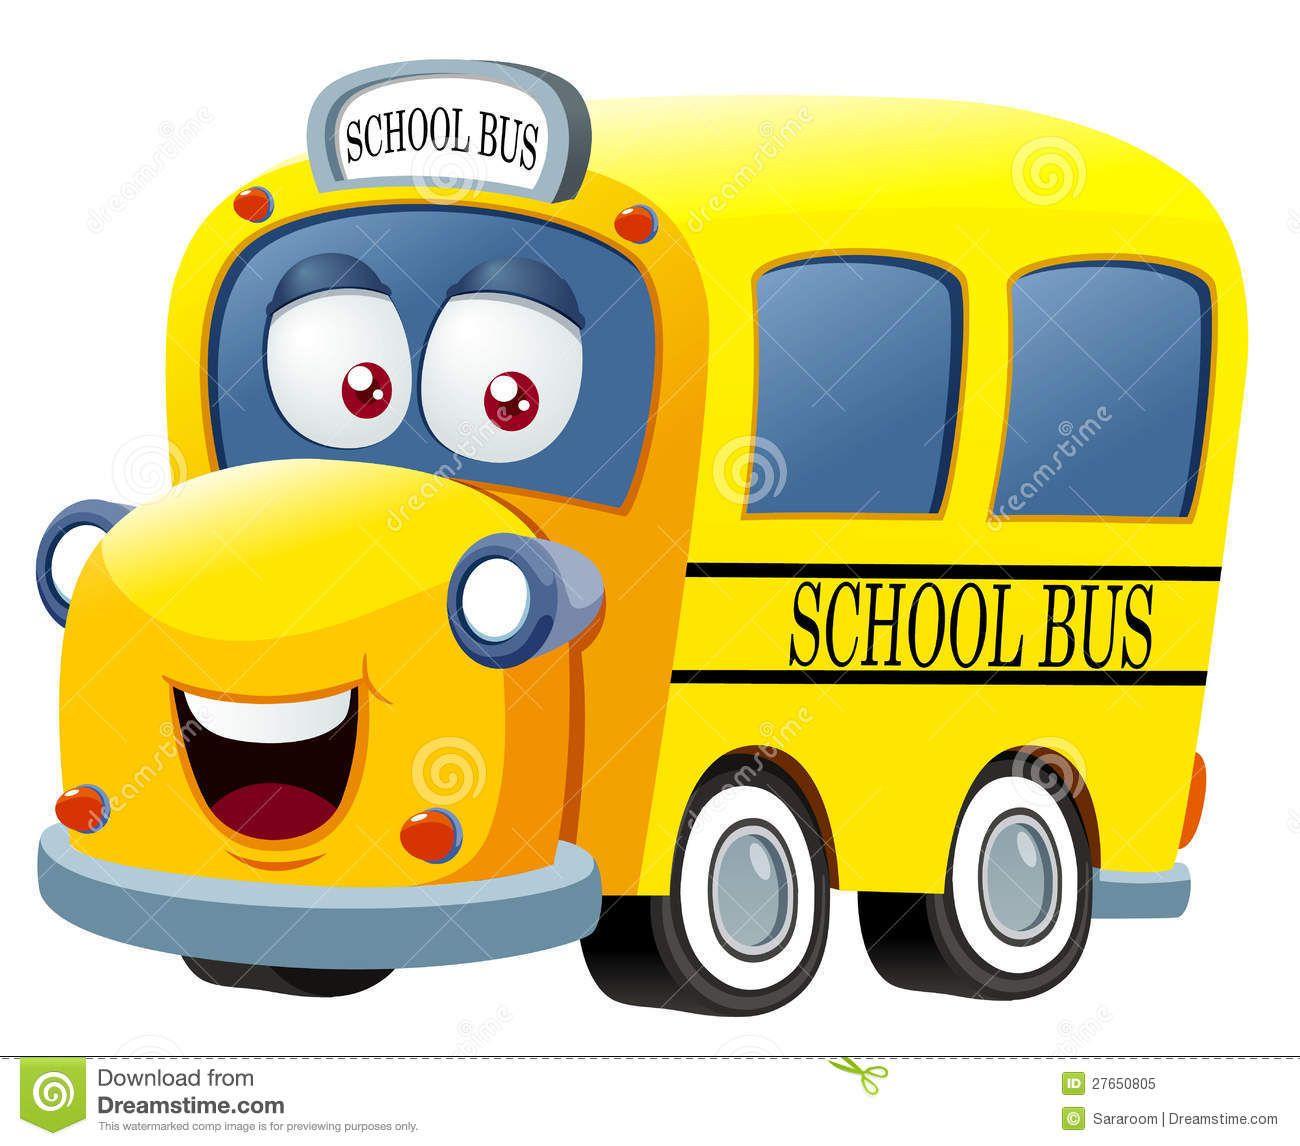 School Bus Cartoon 27650805 Jpg 1300 1146 With Images Cute